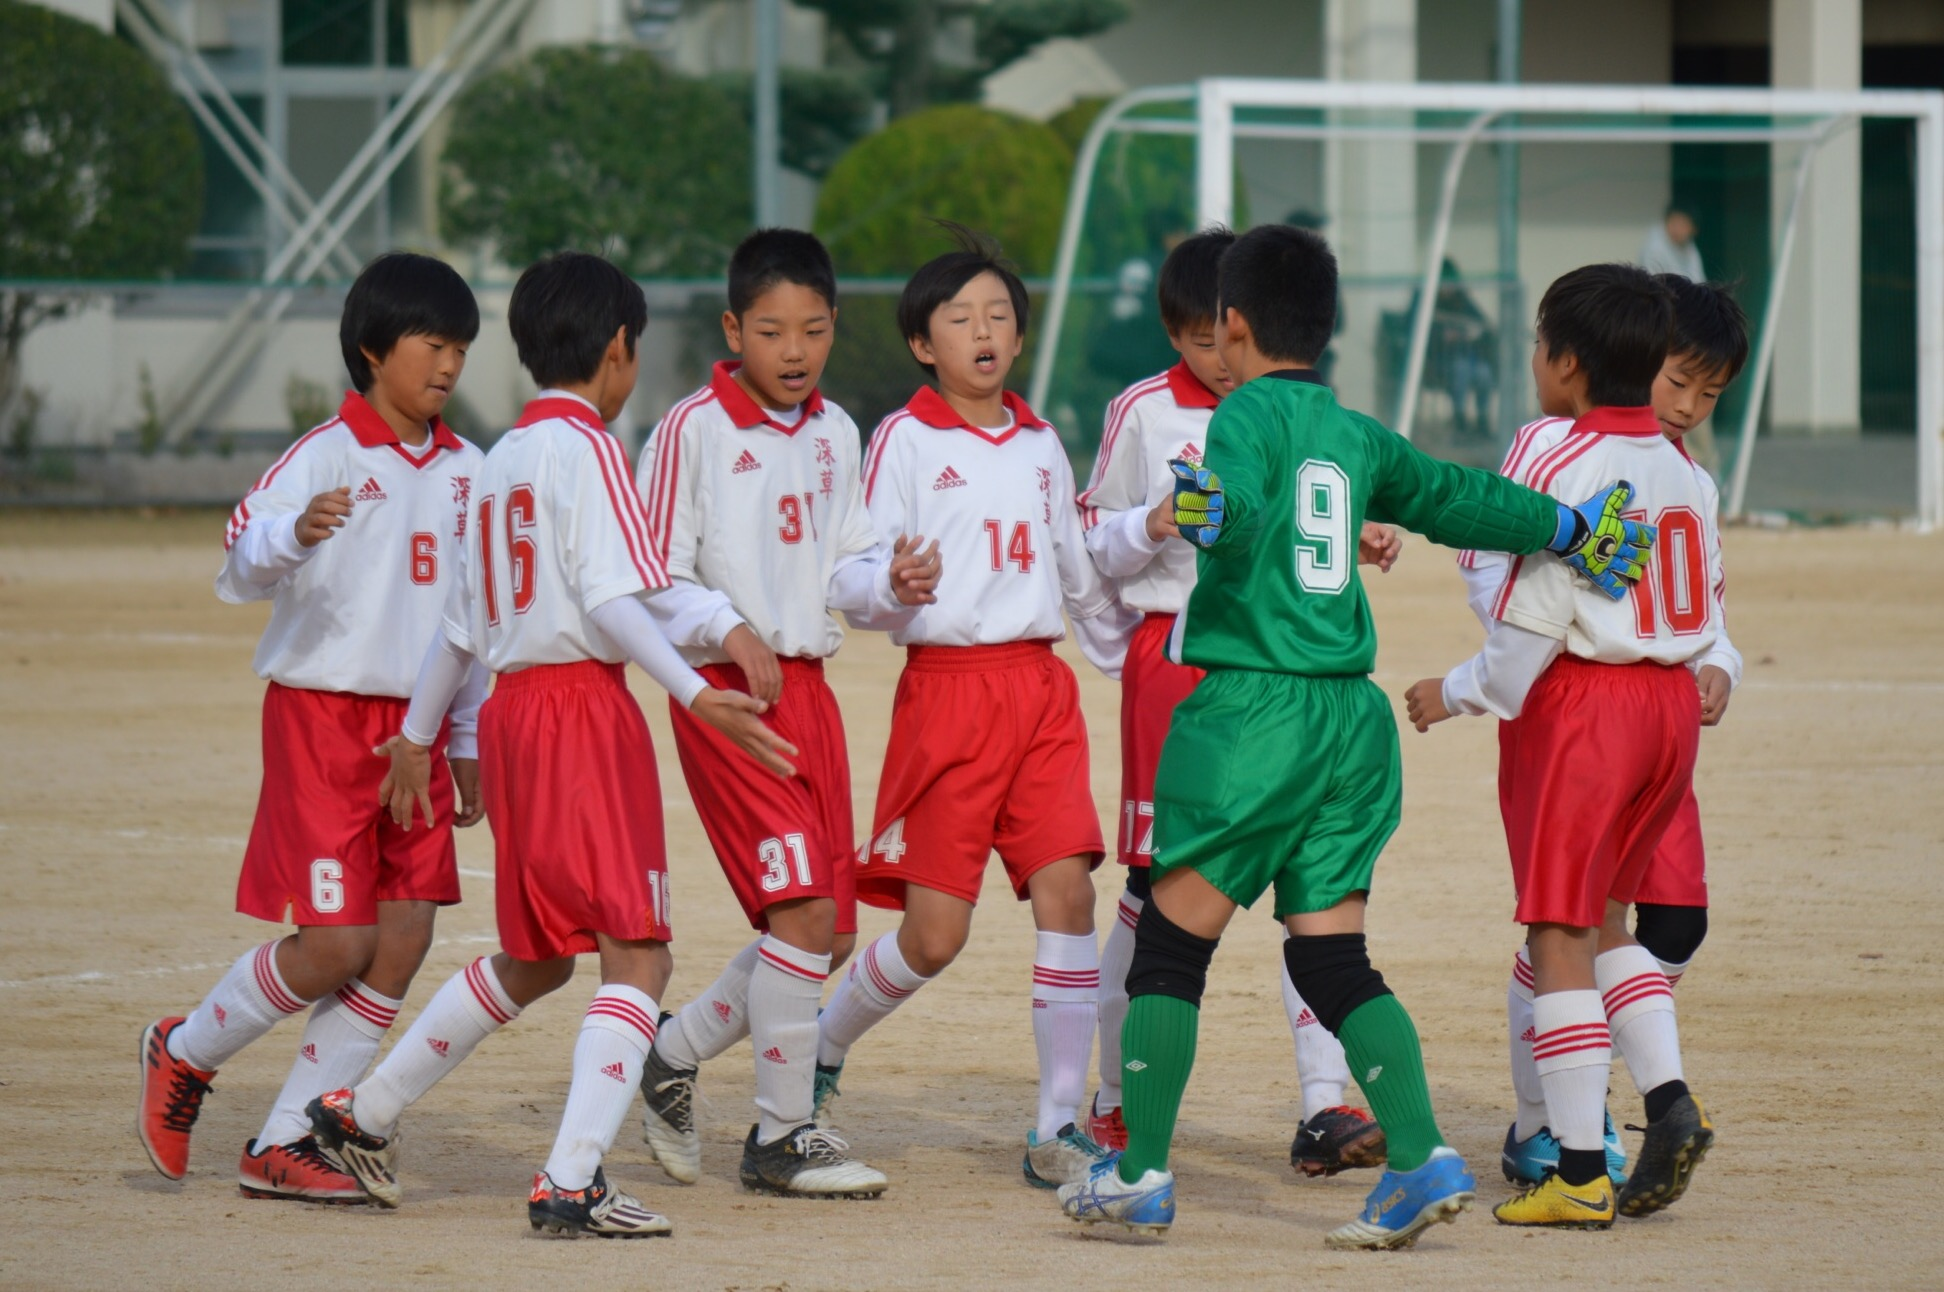 大阪 サッカー 掲示板